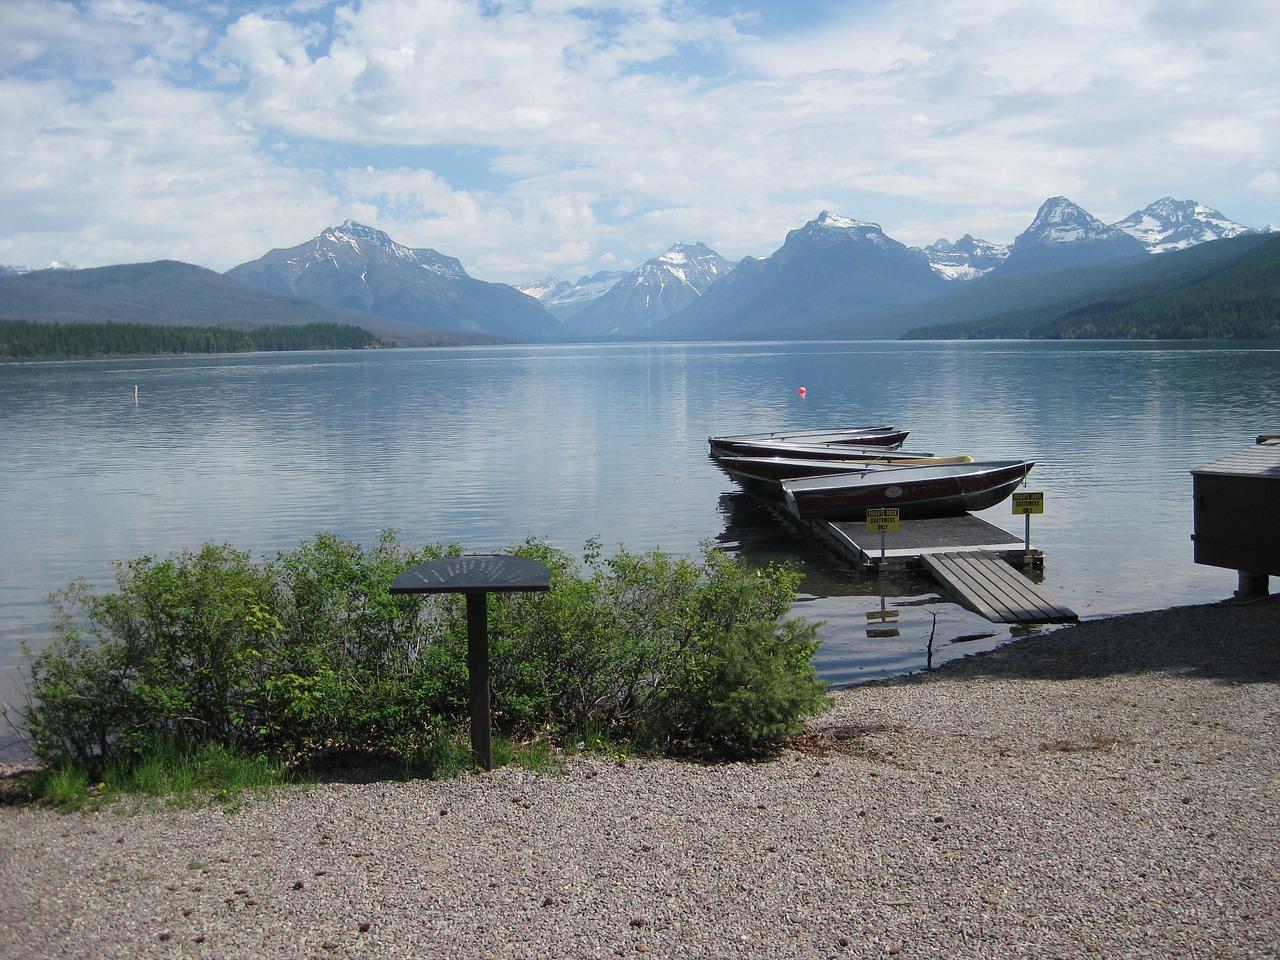 glacier-national-park-4